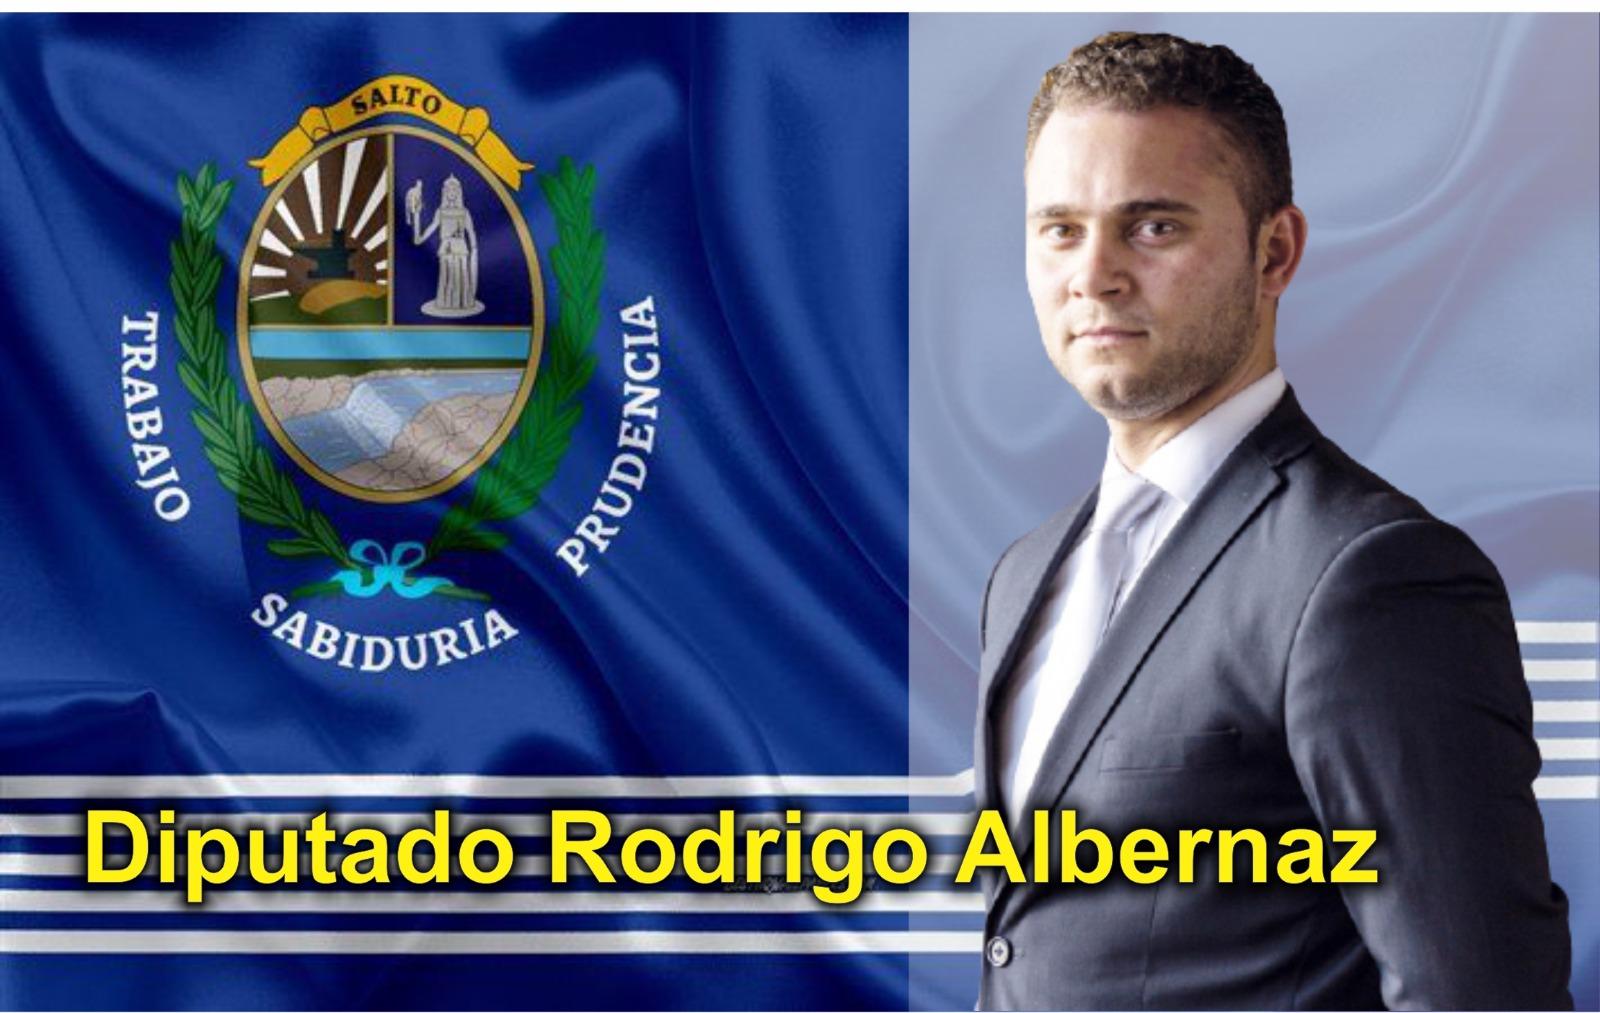 Rodrigo Albernaz | Diputado